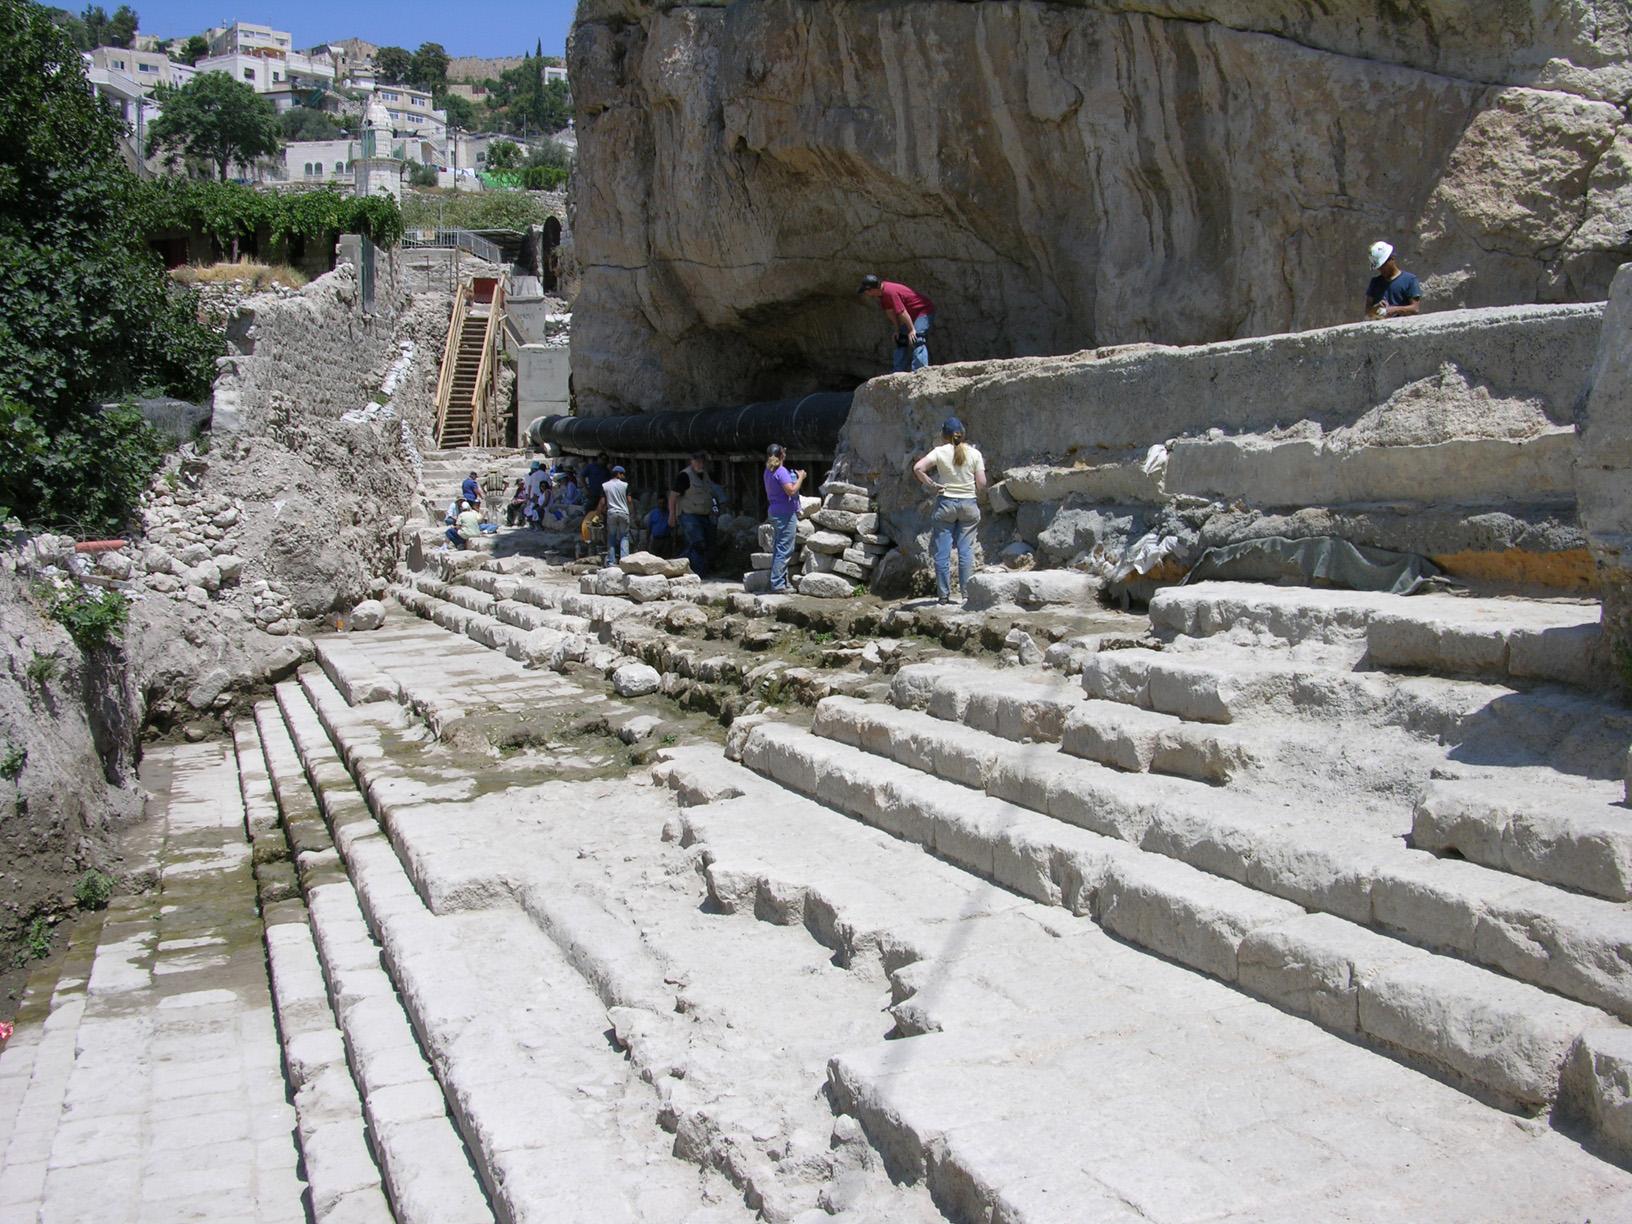 上图:位于耶路撒冷的西罗亚池(Pool of Siloam)遗址,是当时最大的浸池(Mikvah)。在主耶稣的时代,住棚节的七日每天早晨都有一位祭司提着金壶到西罗亚池子打水,表示承认以色列人被掳到巴比伦是因为「厌弃西罗亚缓流的水」(赛八6),所以要悔改仰望「以马内利」(赛八8)的应许,「从救恩的泉源欢然取水」(赛十二3)。到耶路撒冷来过节的犹太人在登圣殿山之前,要在这里行净身礼,然后一边走台阶上行到圣殿,一边吟唱上行之诗诗篇第125-129篇。